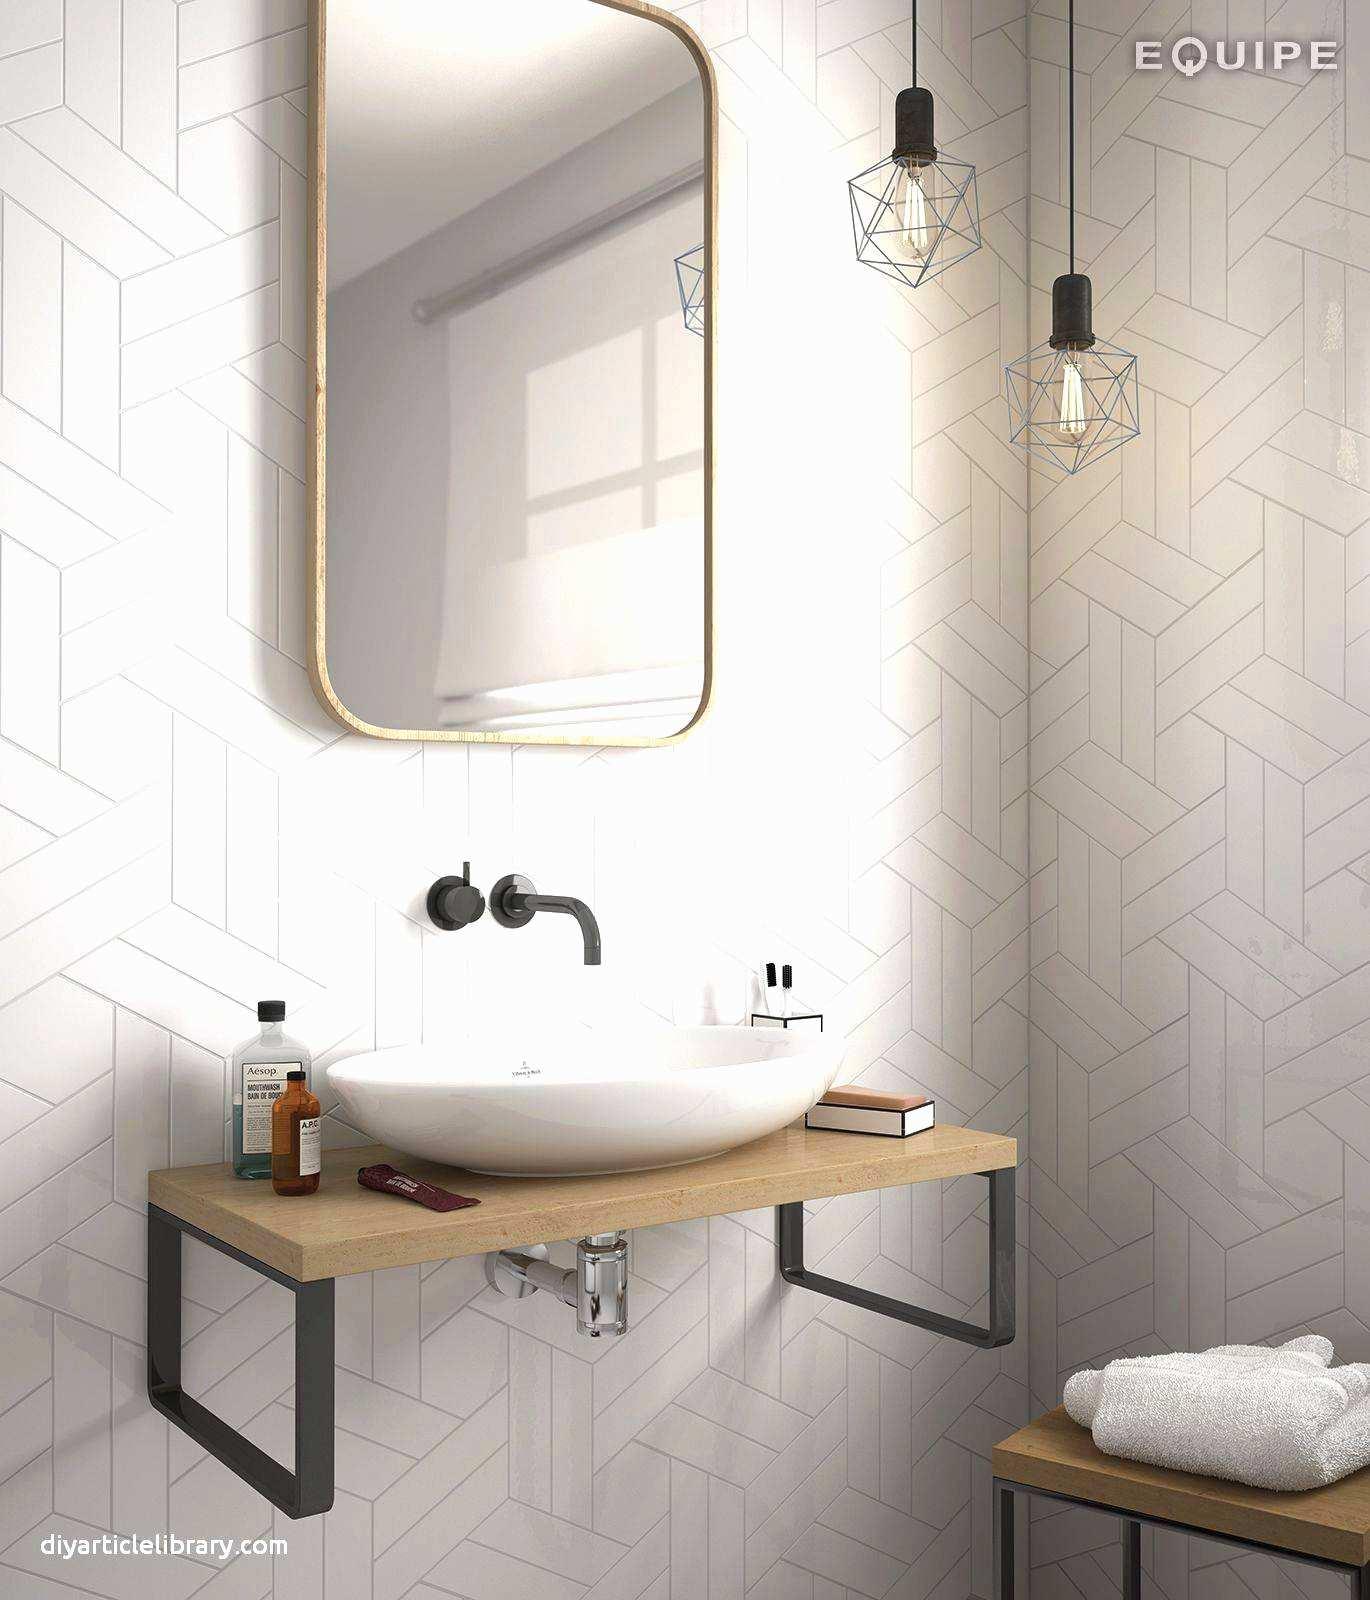 Full Size of Fliesen Holzoptik Bad Luxus 46 Bodenfliesen Tolles Küche Bauhaus Fenster Wohnzimmer Bodenfliesen Bauhaus